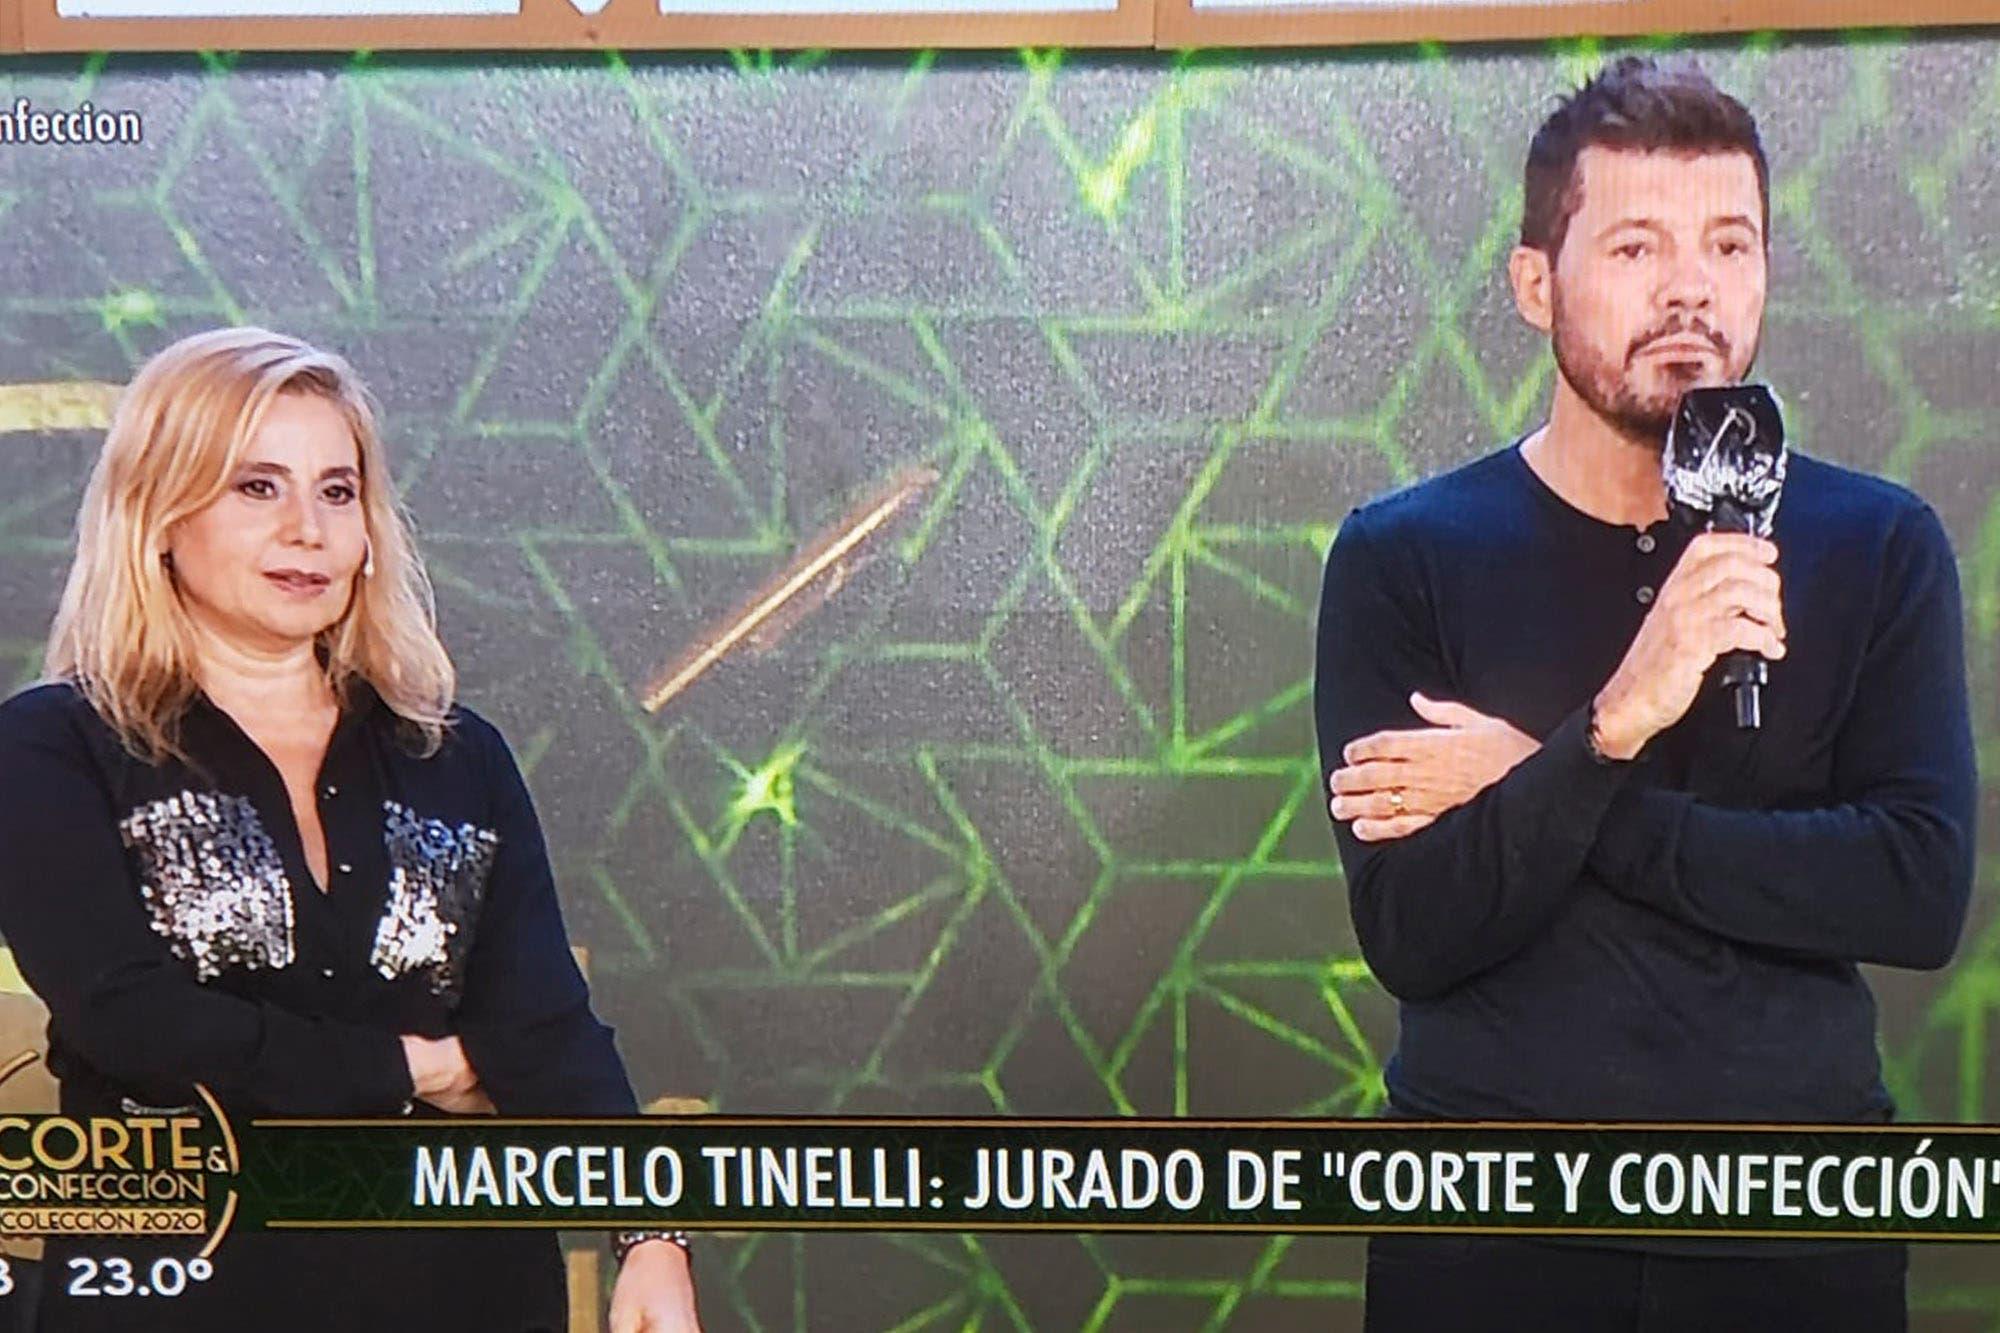 Marcelo Tinelli apareció de sorpresa en Corte y Confección y habló sobre su accidentado regreso